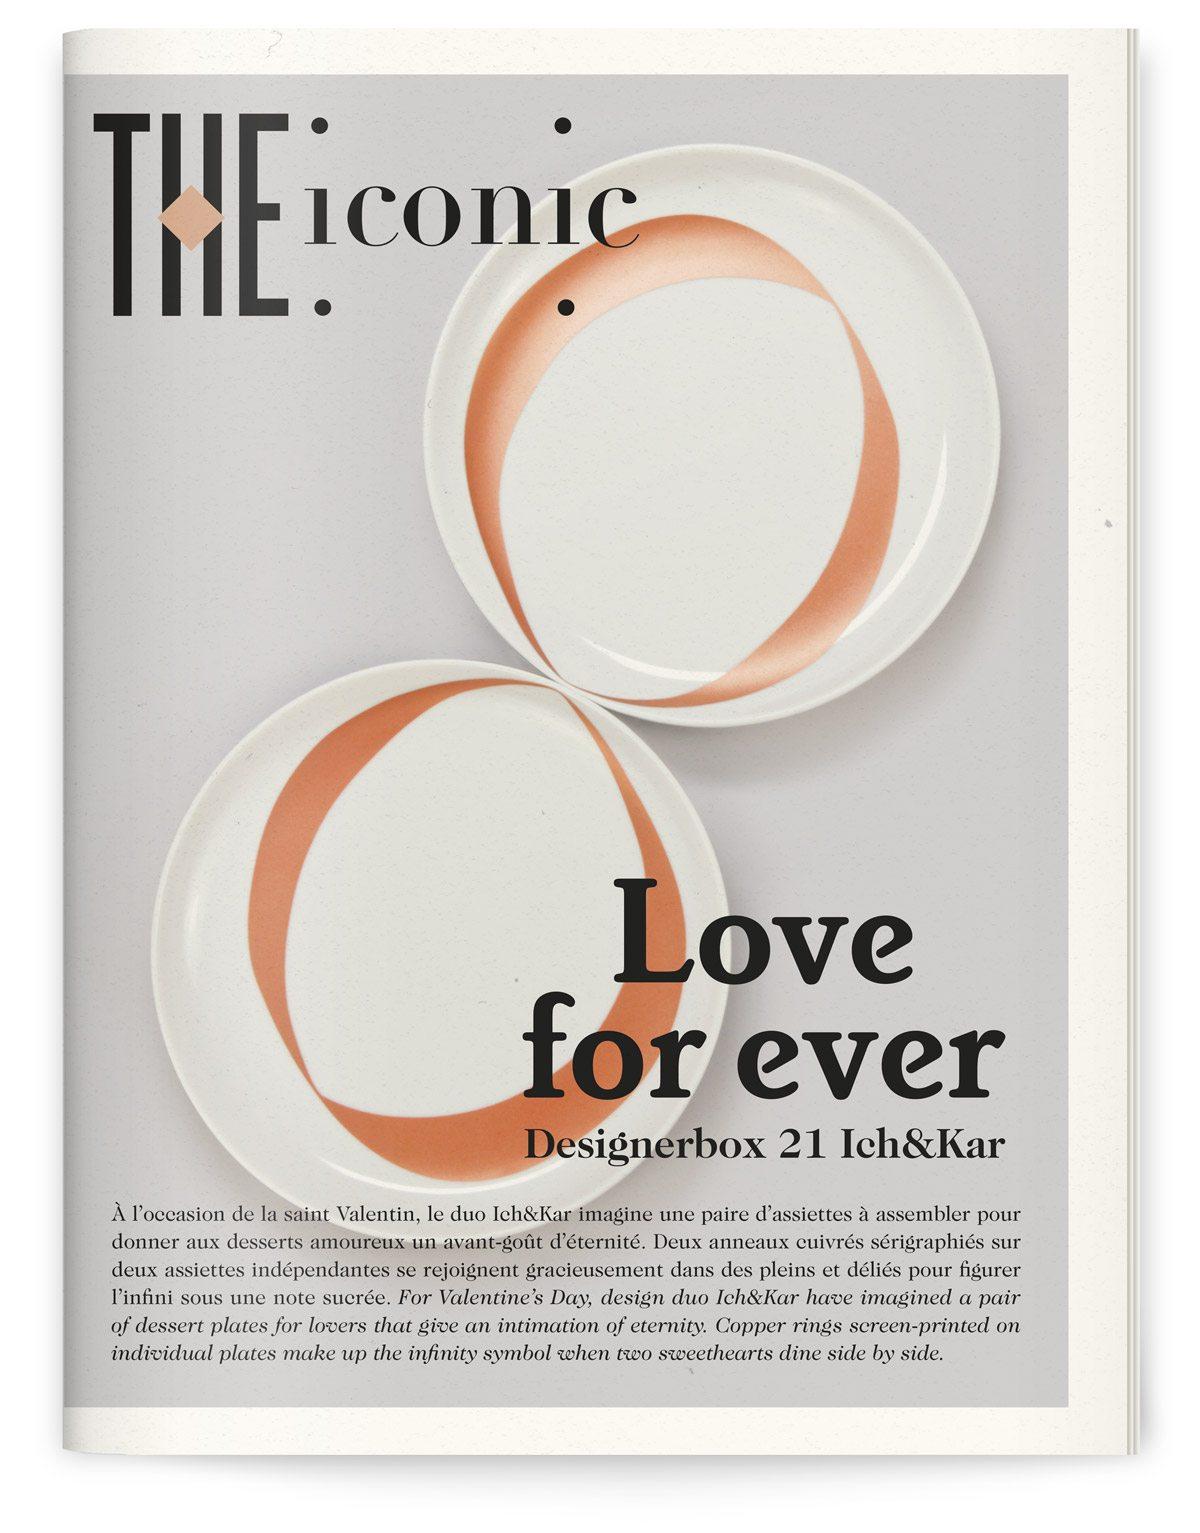 Couverture du magazine qui accompagne la Designerbox 21. Image de deux assiettes blanches ornées d'un motif de ruban cuivré spécialement réalisées par Ich&Kar.